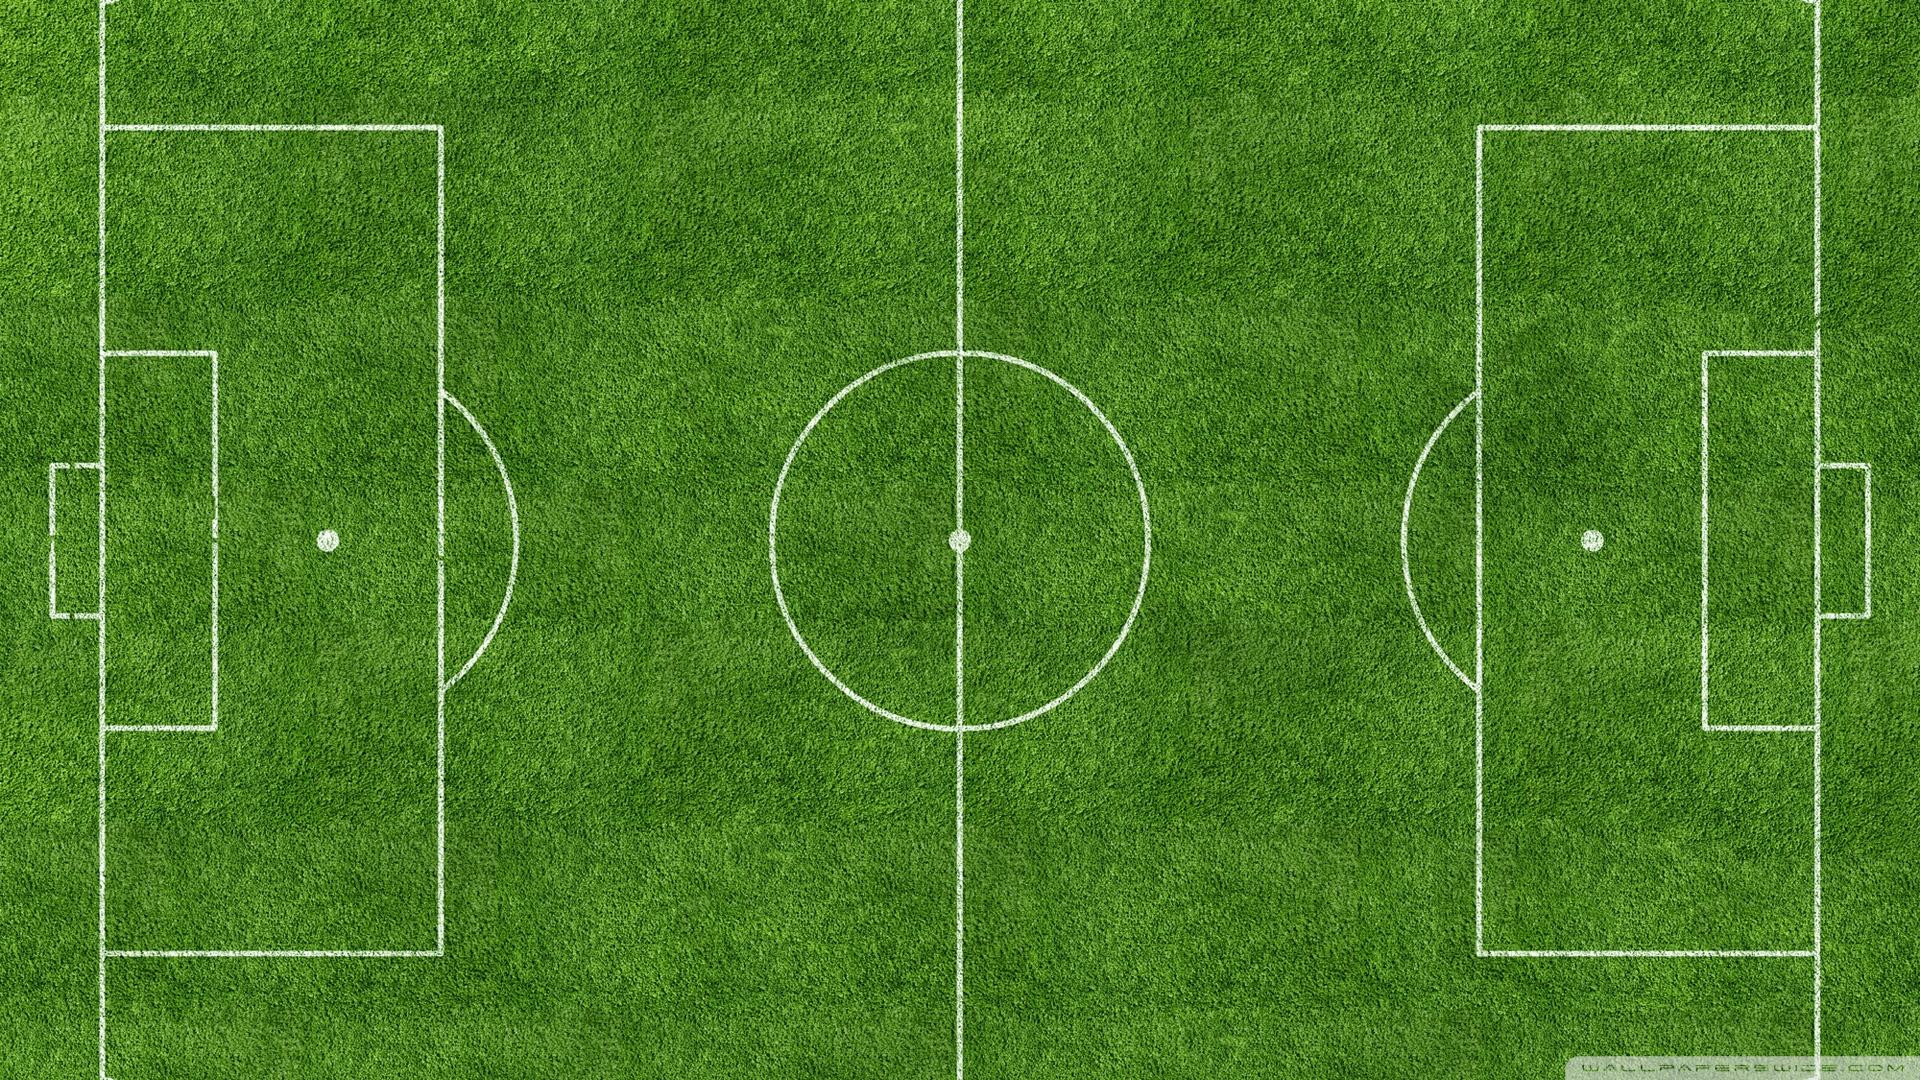 Football Pitch HD desktop wallpaper : Widescreen : High Definition